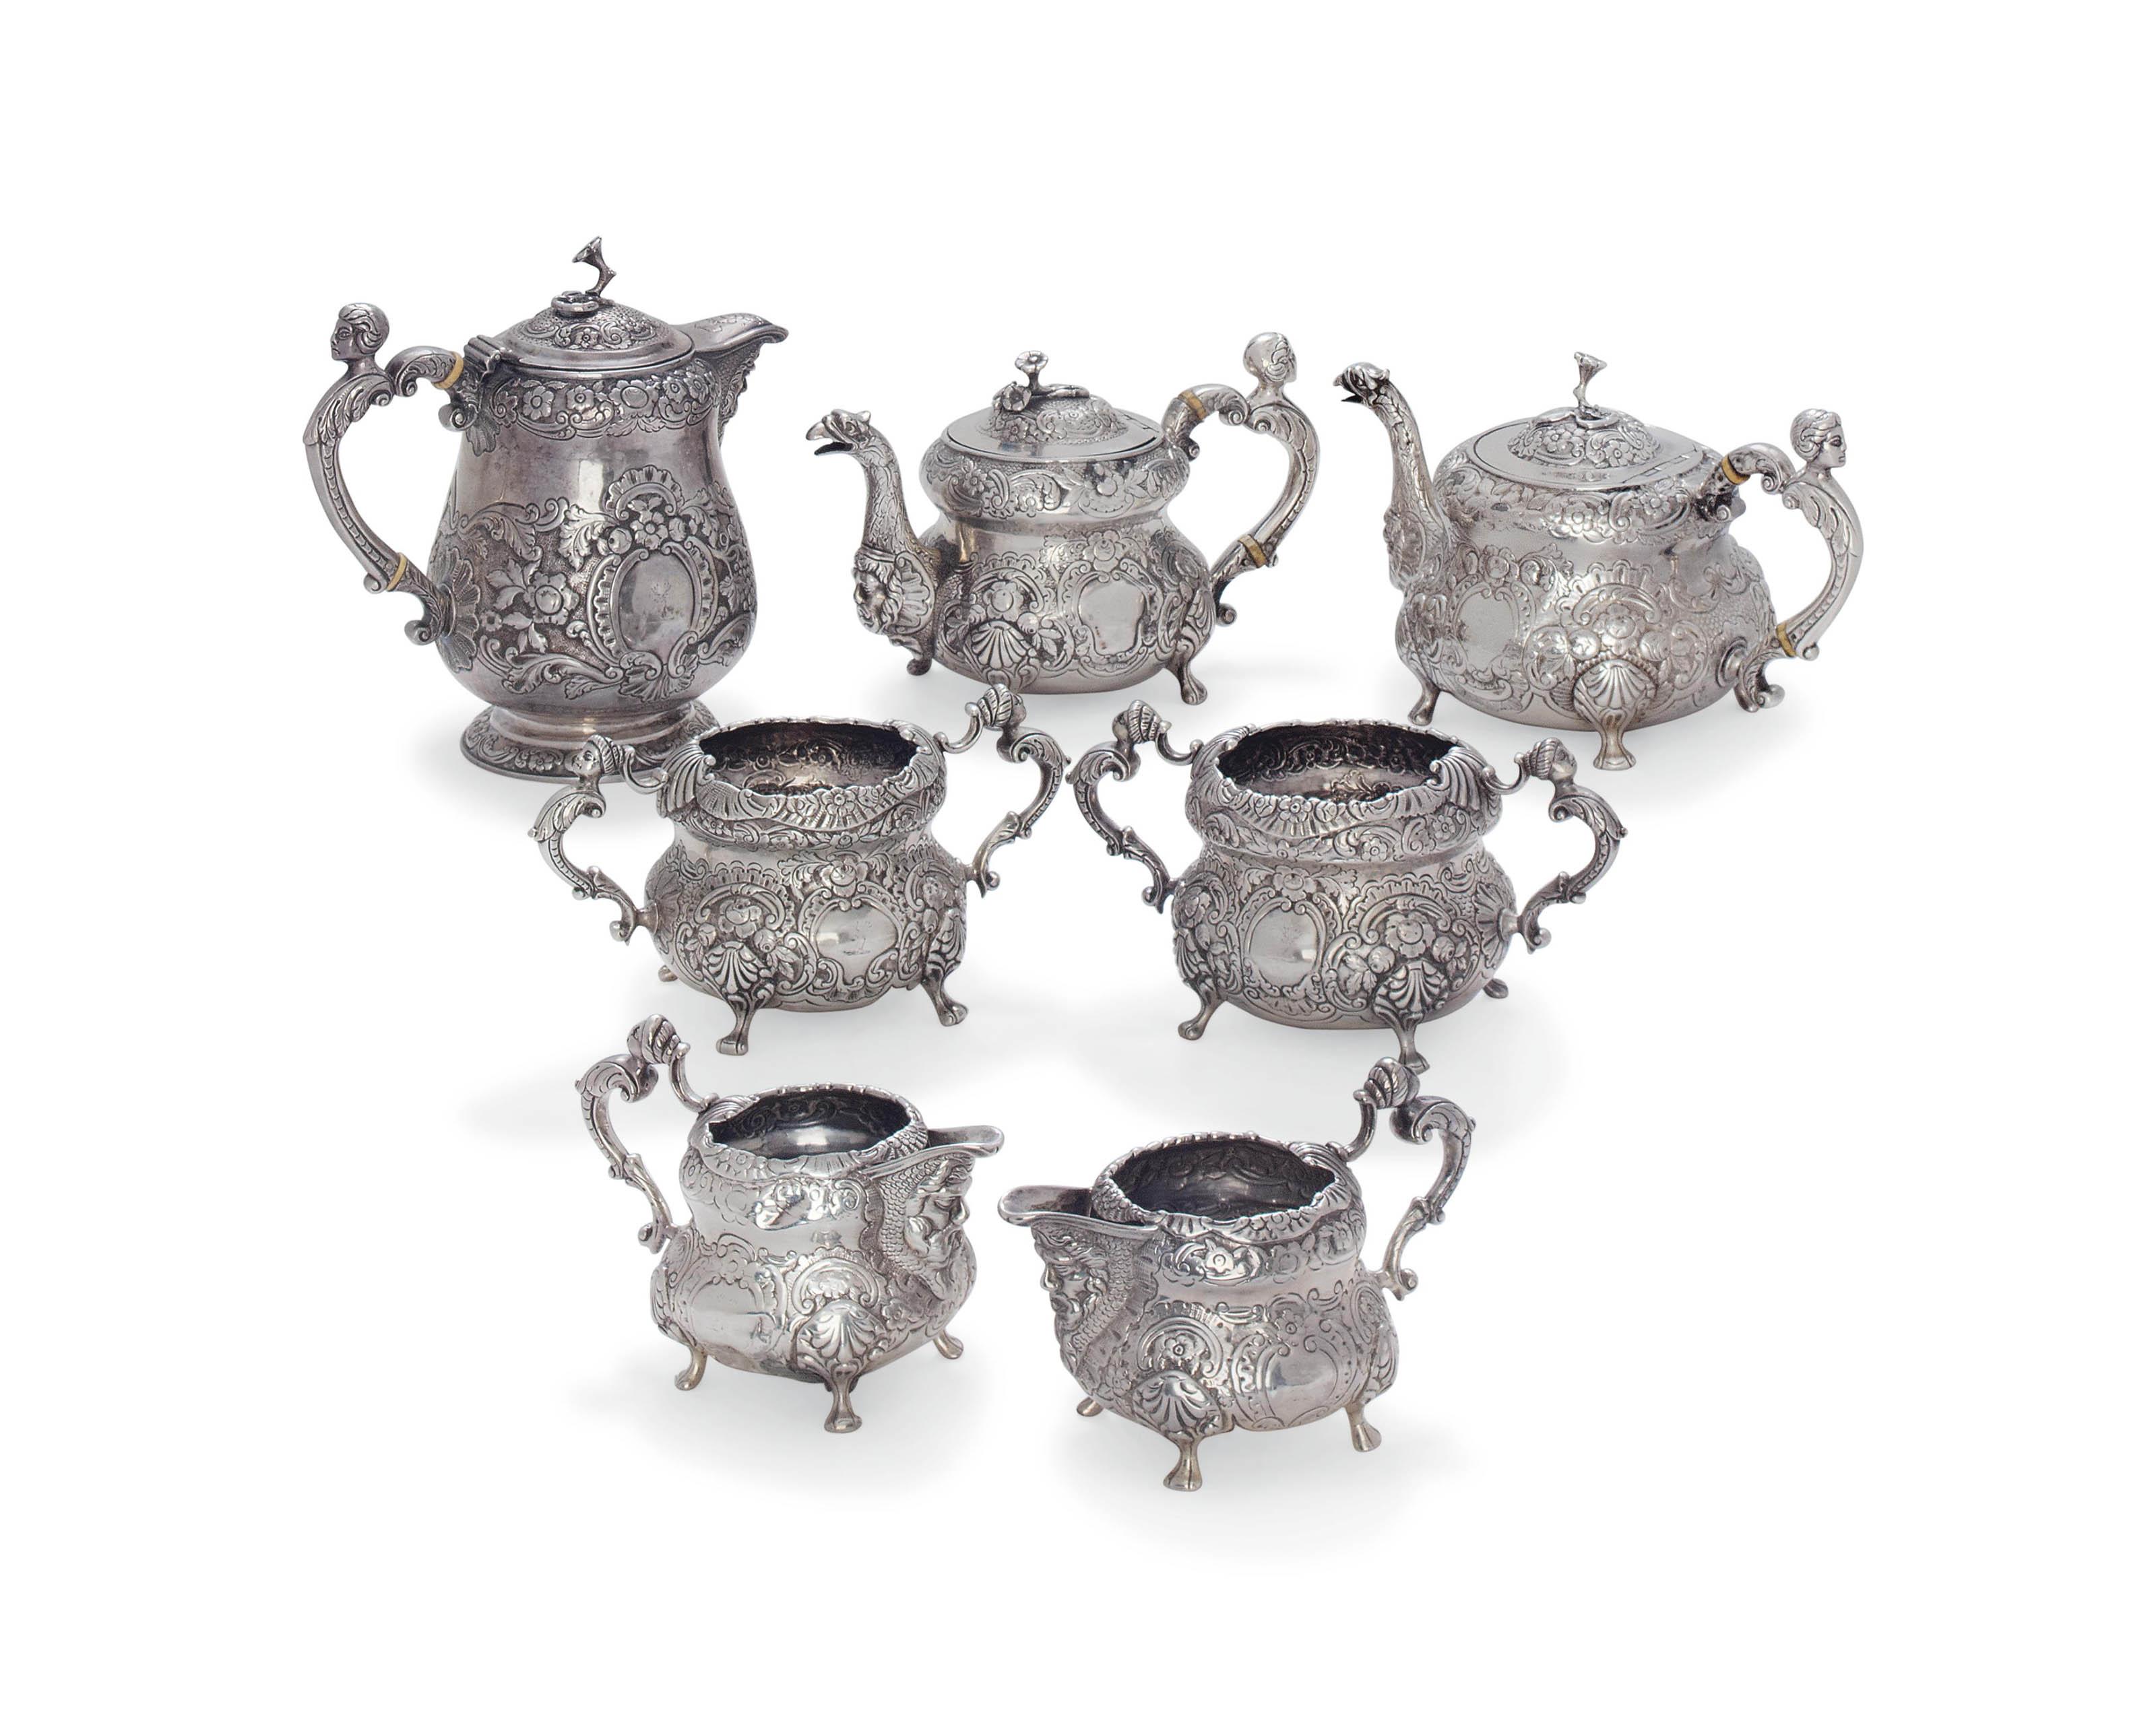 A GEORGE III IRISH SEVEN-PIECE SILVER TEA SERVICE